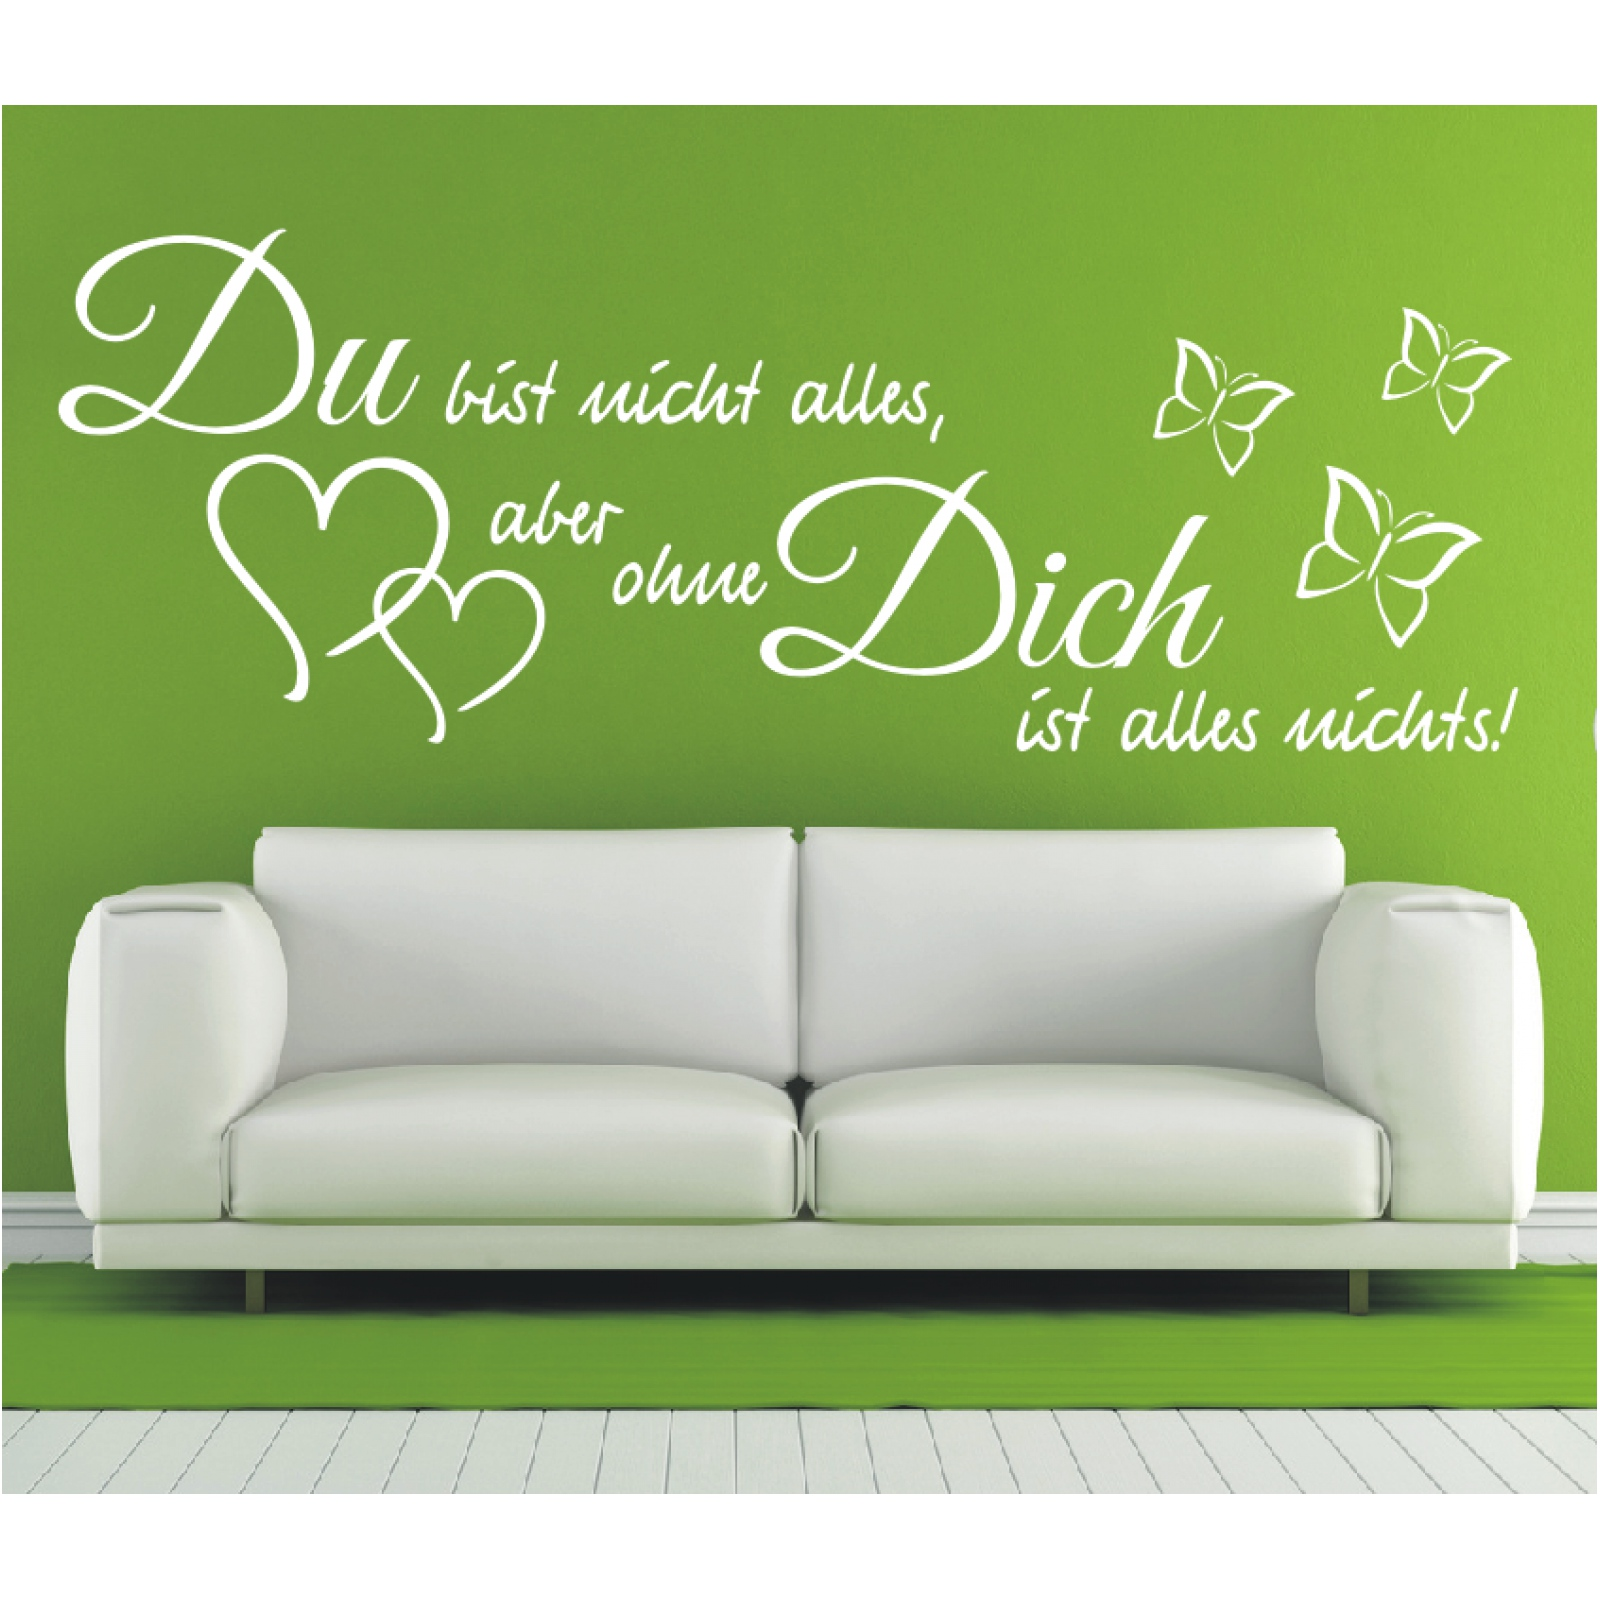 Wandtattoo-Spruch-Du-bist-nicht-alles-aber-Wandsticker-Wandaufkleber-Sticker-4 Indexbild 3